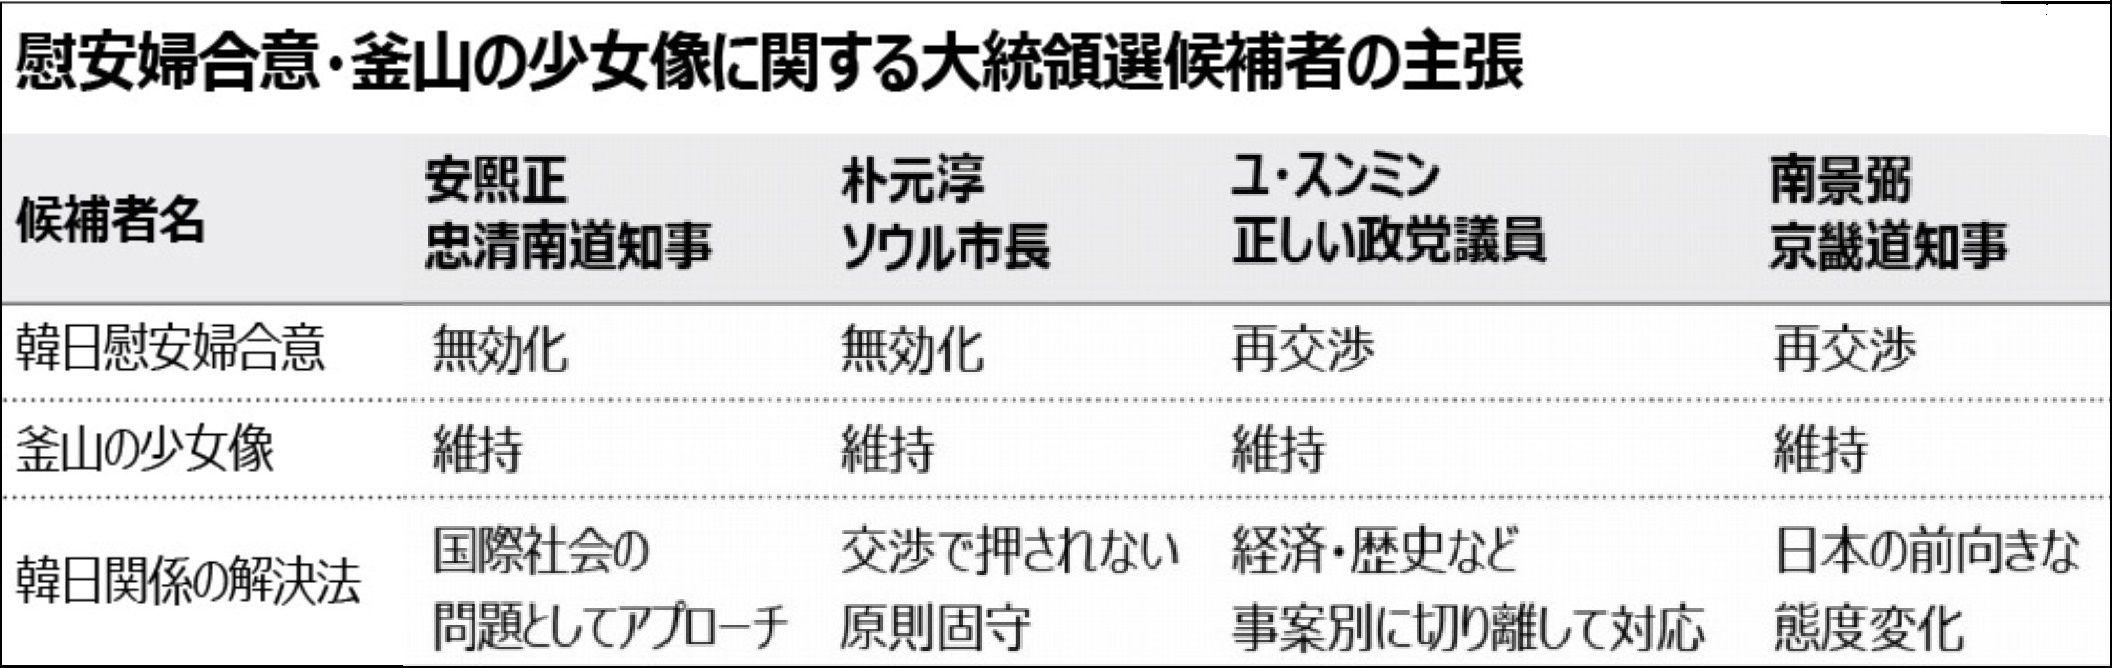 http://livedoor.blogimg.jp/gensen_2ch/imgs/b/2/b22a71e0.jpg